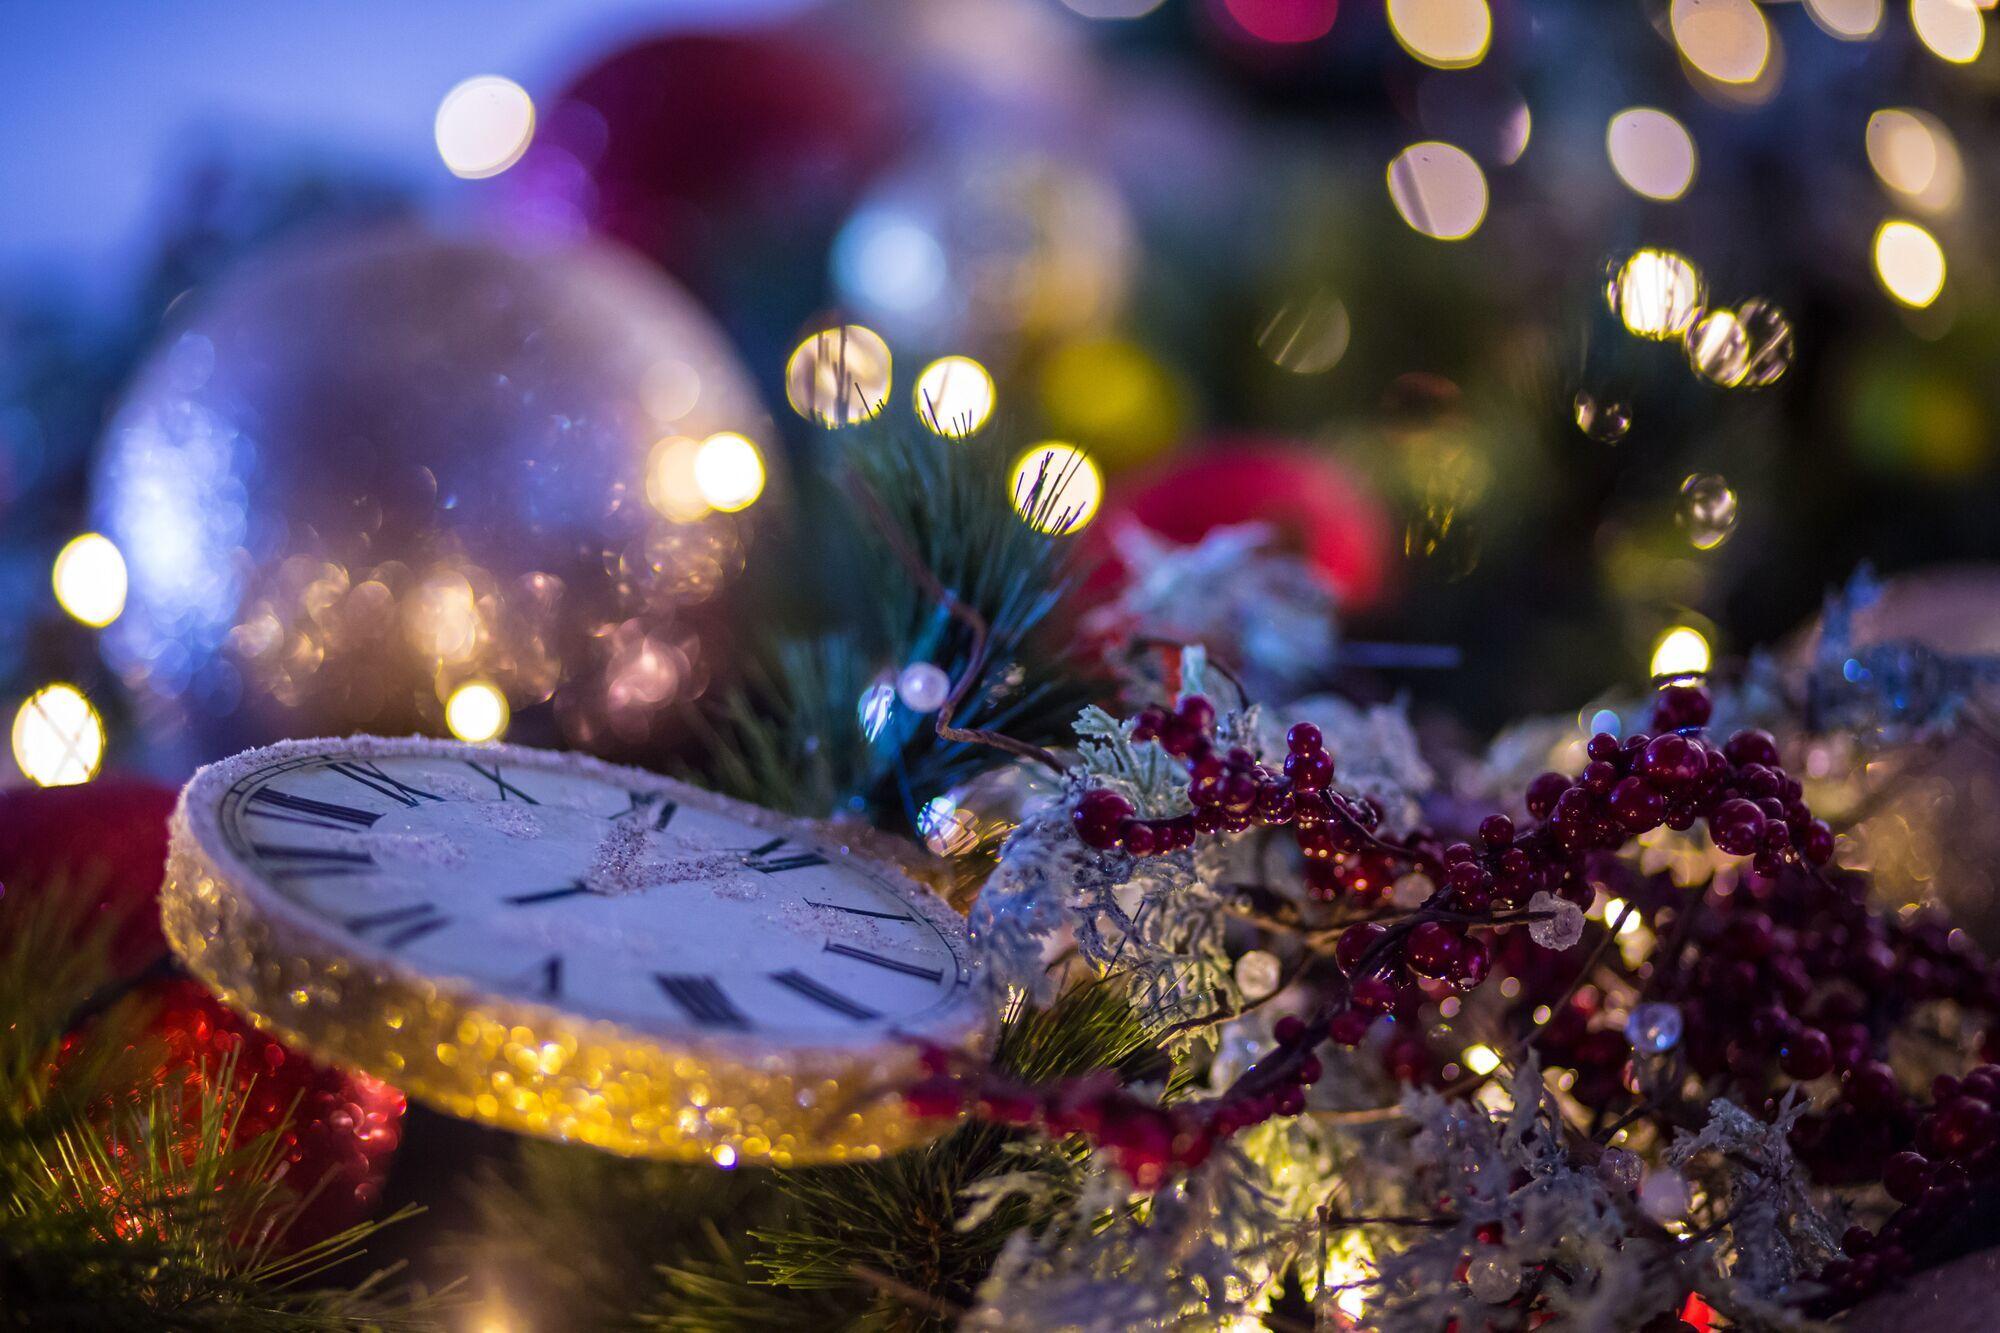 Новий рік 1 січня 2021 року випадає на п'ятницю